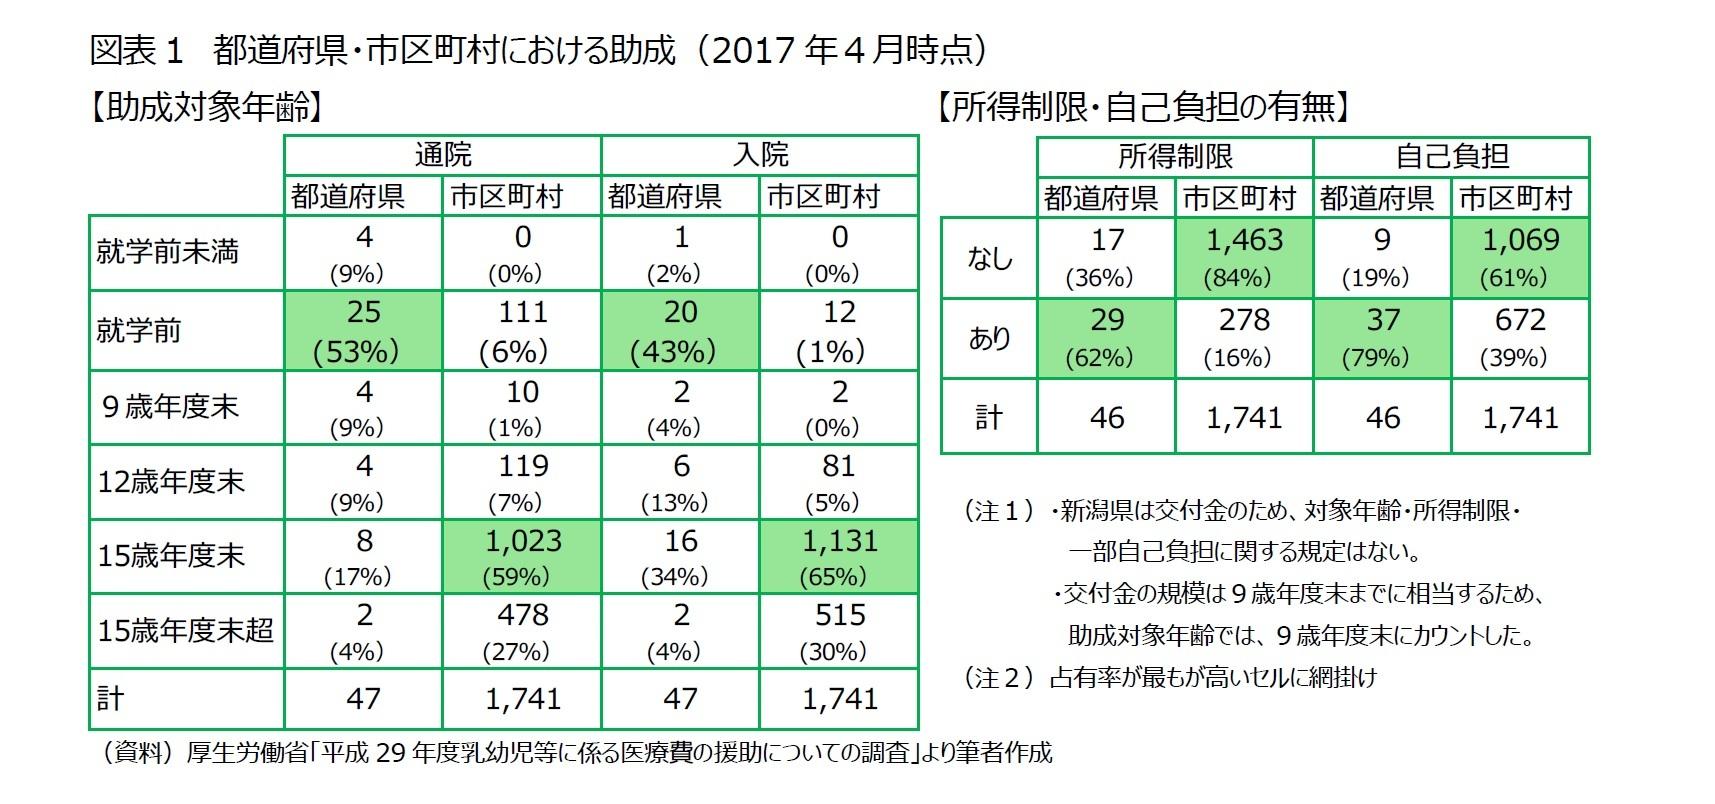 図表1 都道府県・市区町村における助成(2017年4月時点)